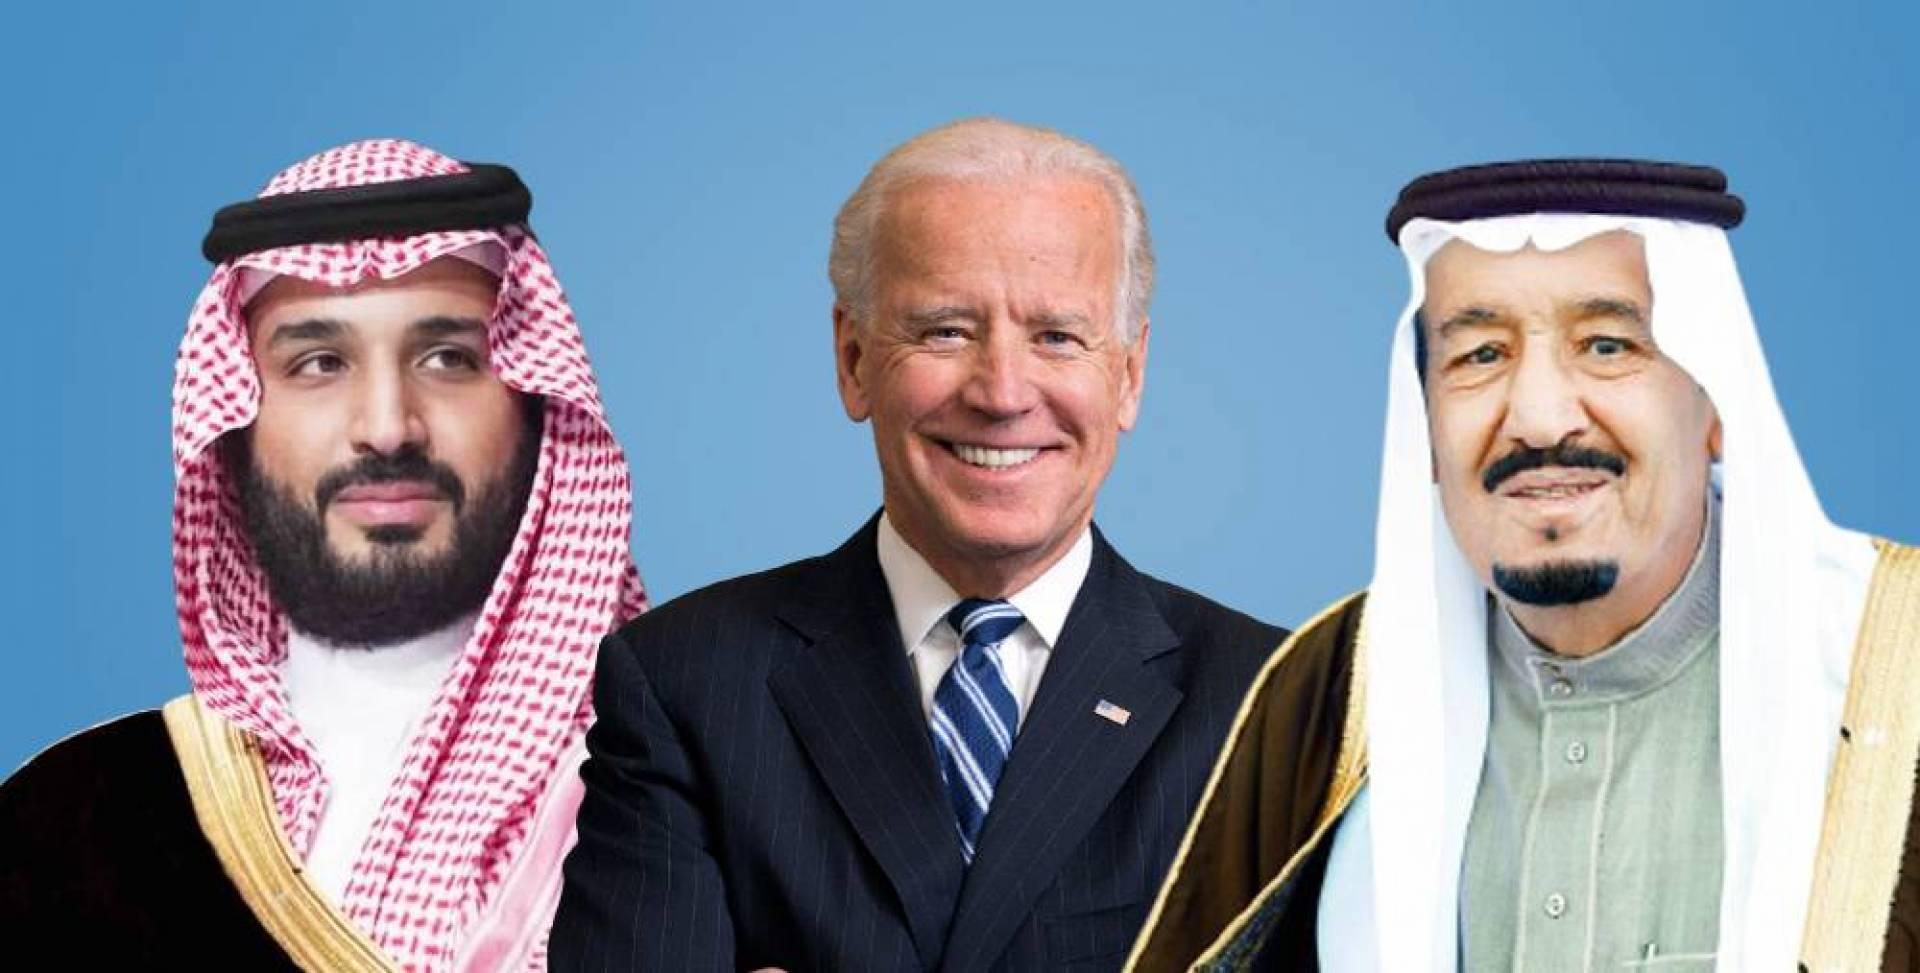 بايدن سيعلن إنهاء كل الدعم الأمريكي للعمليات الهجومية في اليمن